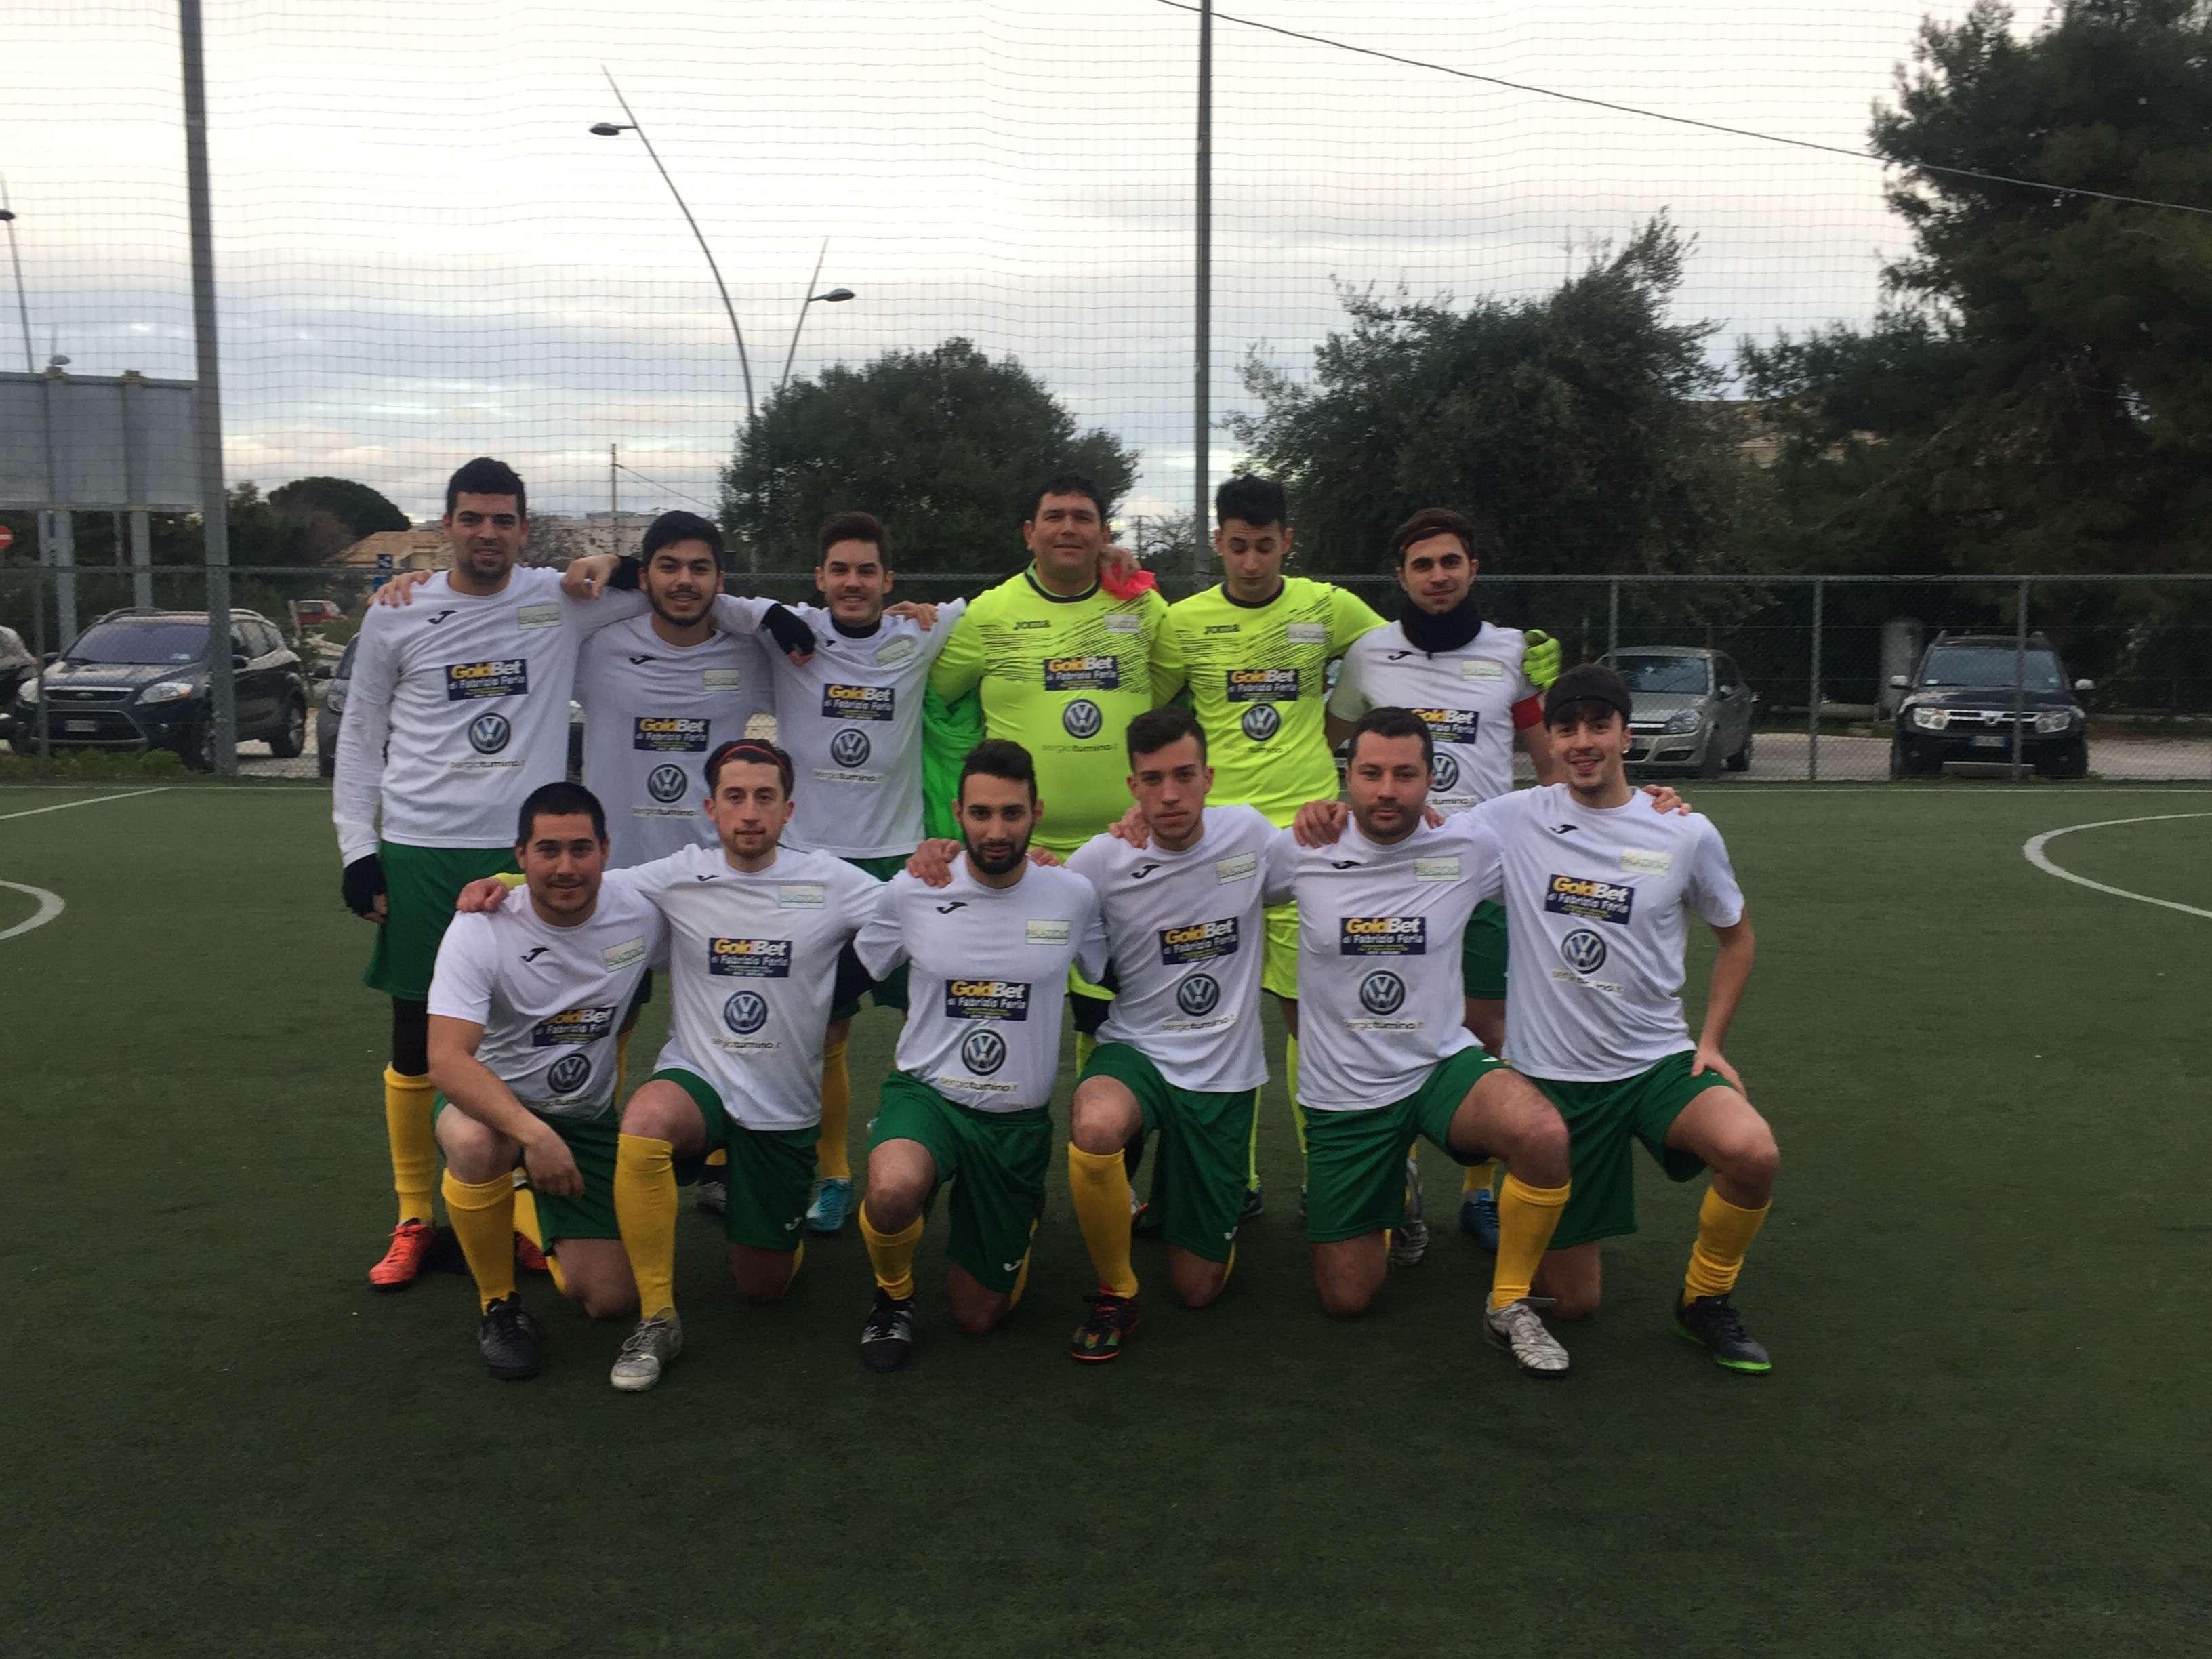 Calcio a 5, il Real Palazzolo travolge l'Eurosport Avola